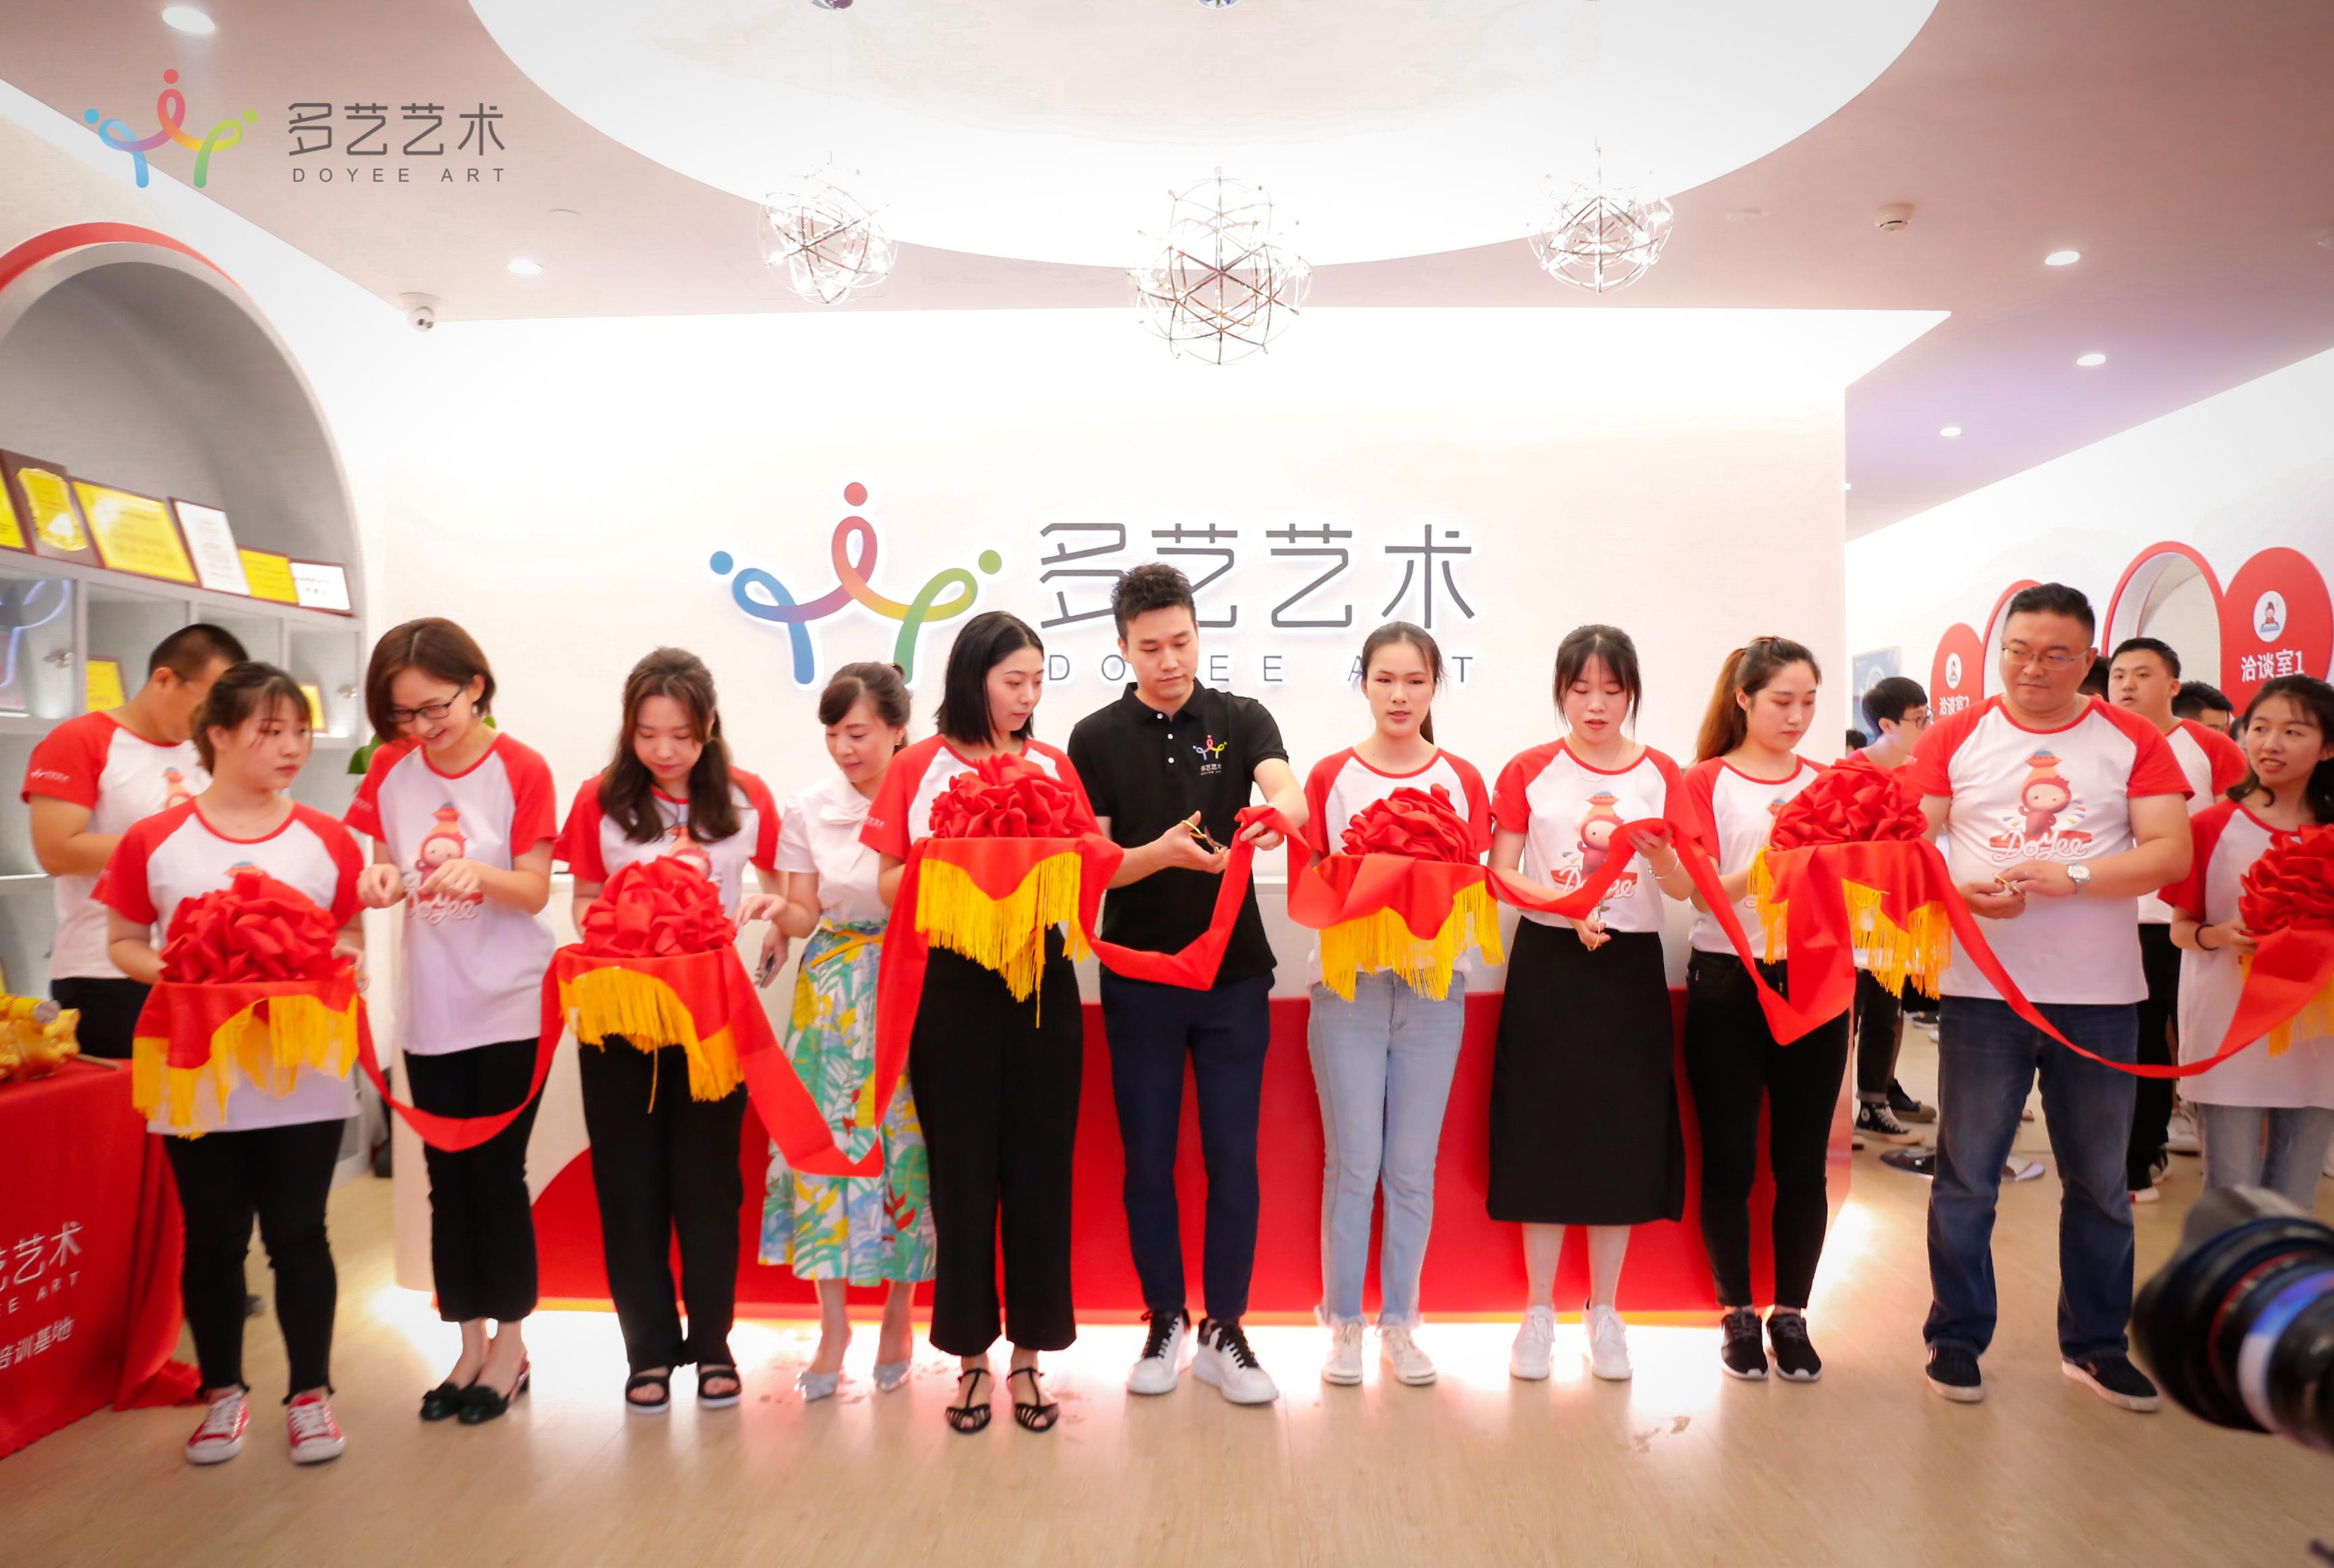 多艺艺术第八家校区盛大开业,西溪蒋村板块教育资源再添新活力